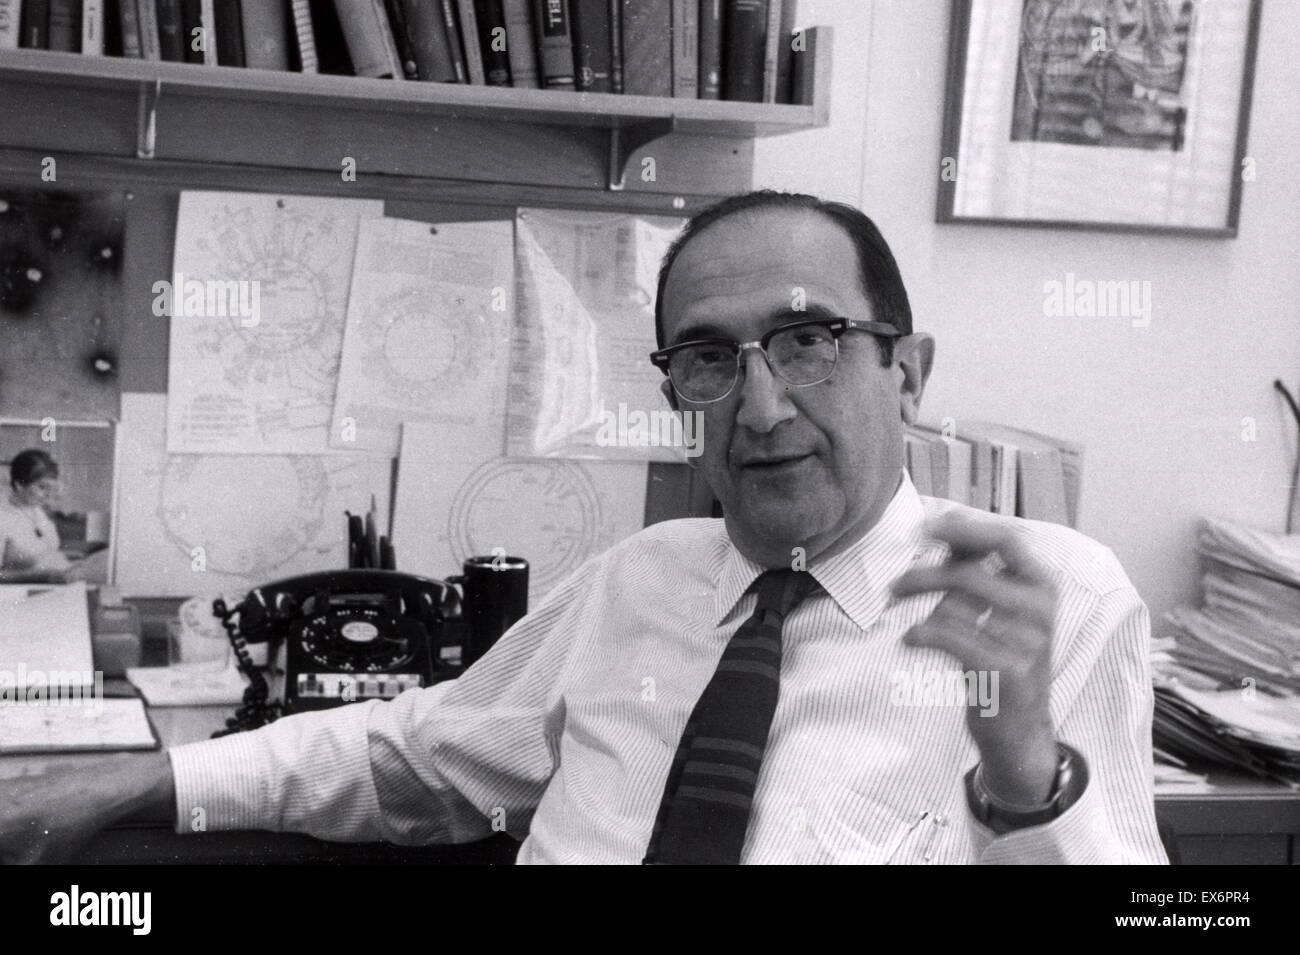 Salvador Luria in seinem Büro am MIT in Boston 1967. Salvador Edward Luria (1912 – 1991) italienische Genetik Forscher und Mikrobiologe, später US-Staatsbürgerschaft. Er gewann den Nobelpreis für Physiologie oder Medizin 1969 Stockfoto